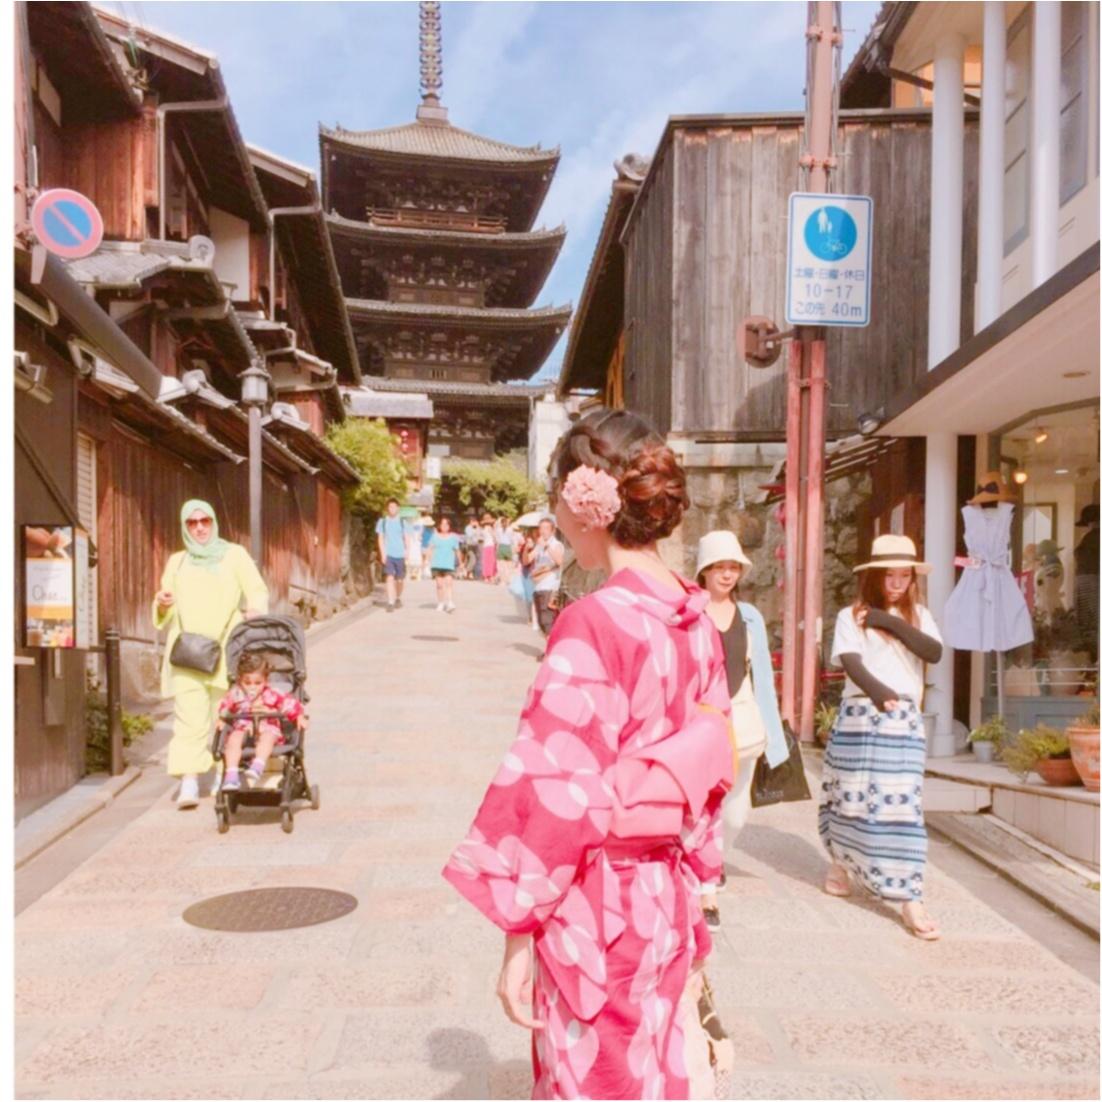 """夏は""""浴衣""""が着たい♡ 京都での思い出づくりにぴったり♪ カワイイのに低価格!?着物レンタルのお店 ♡_5"""